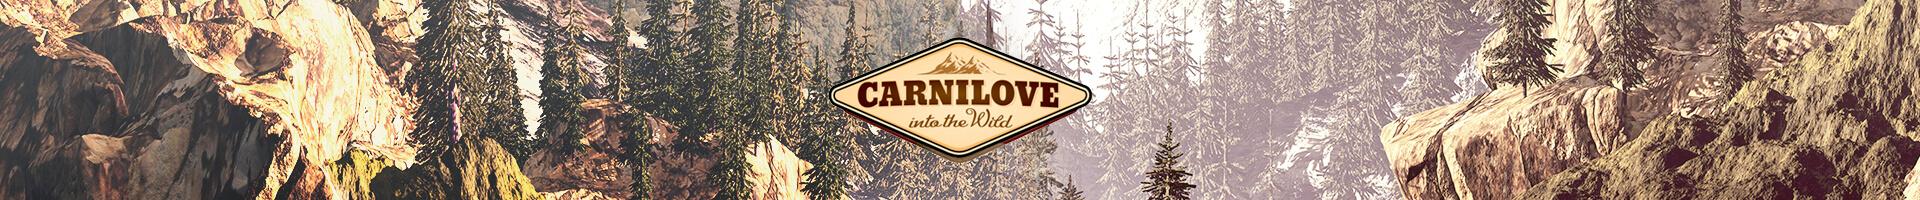 Carnilove logo banner